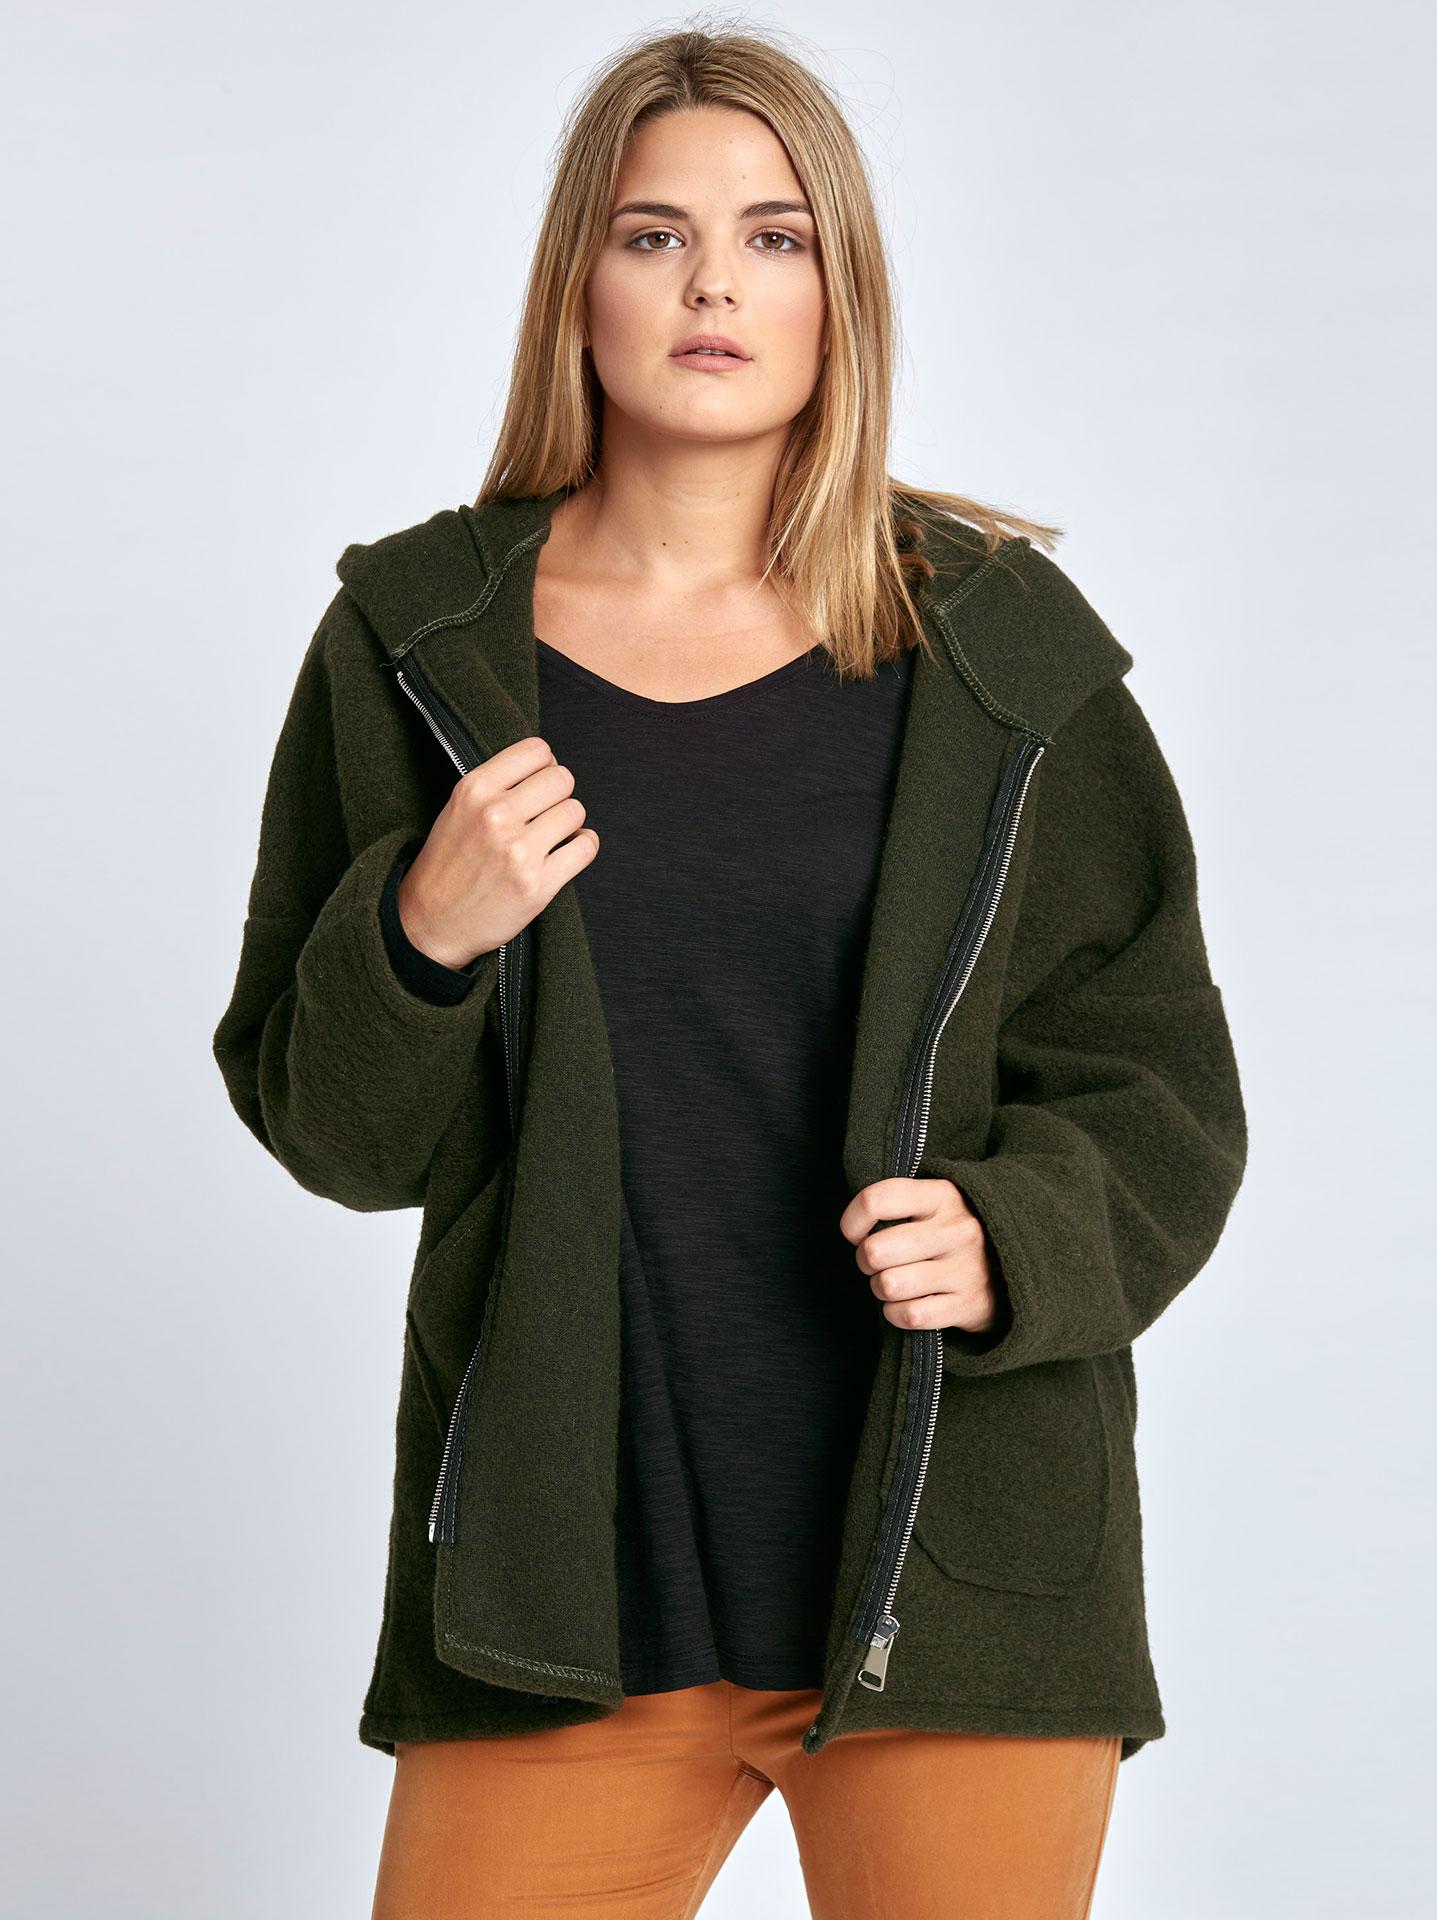 Μπουκλέ παλτό με κουκούλα curvy σε χακι 2122cc520db